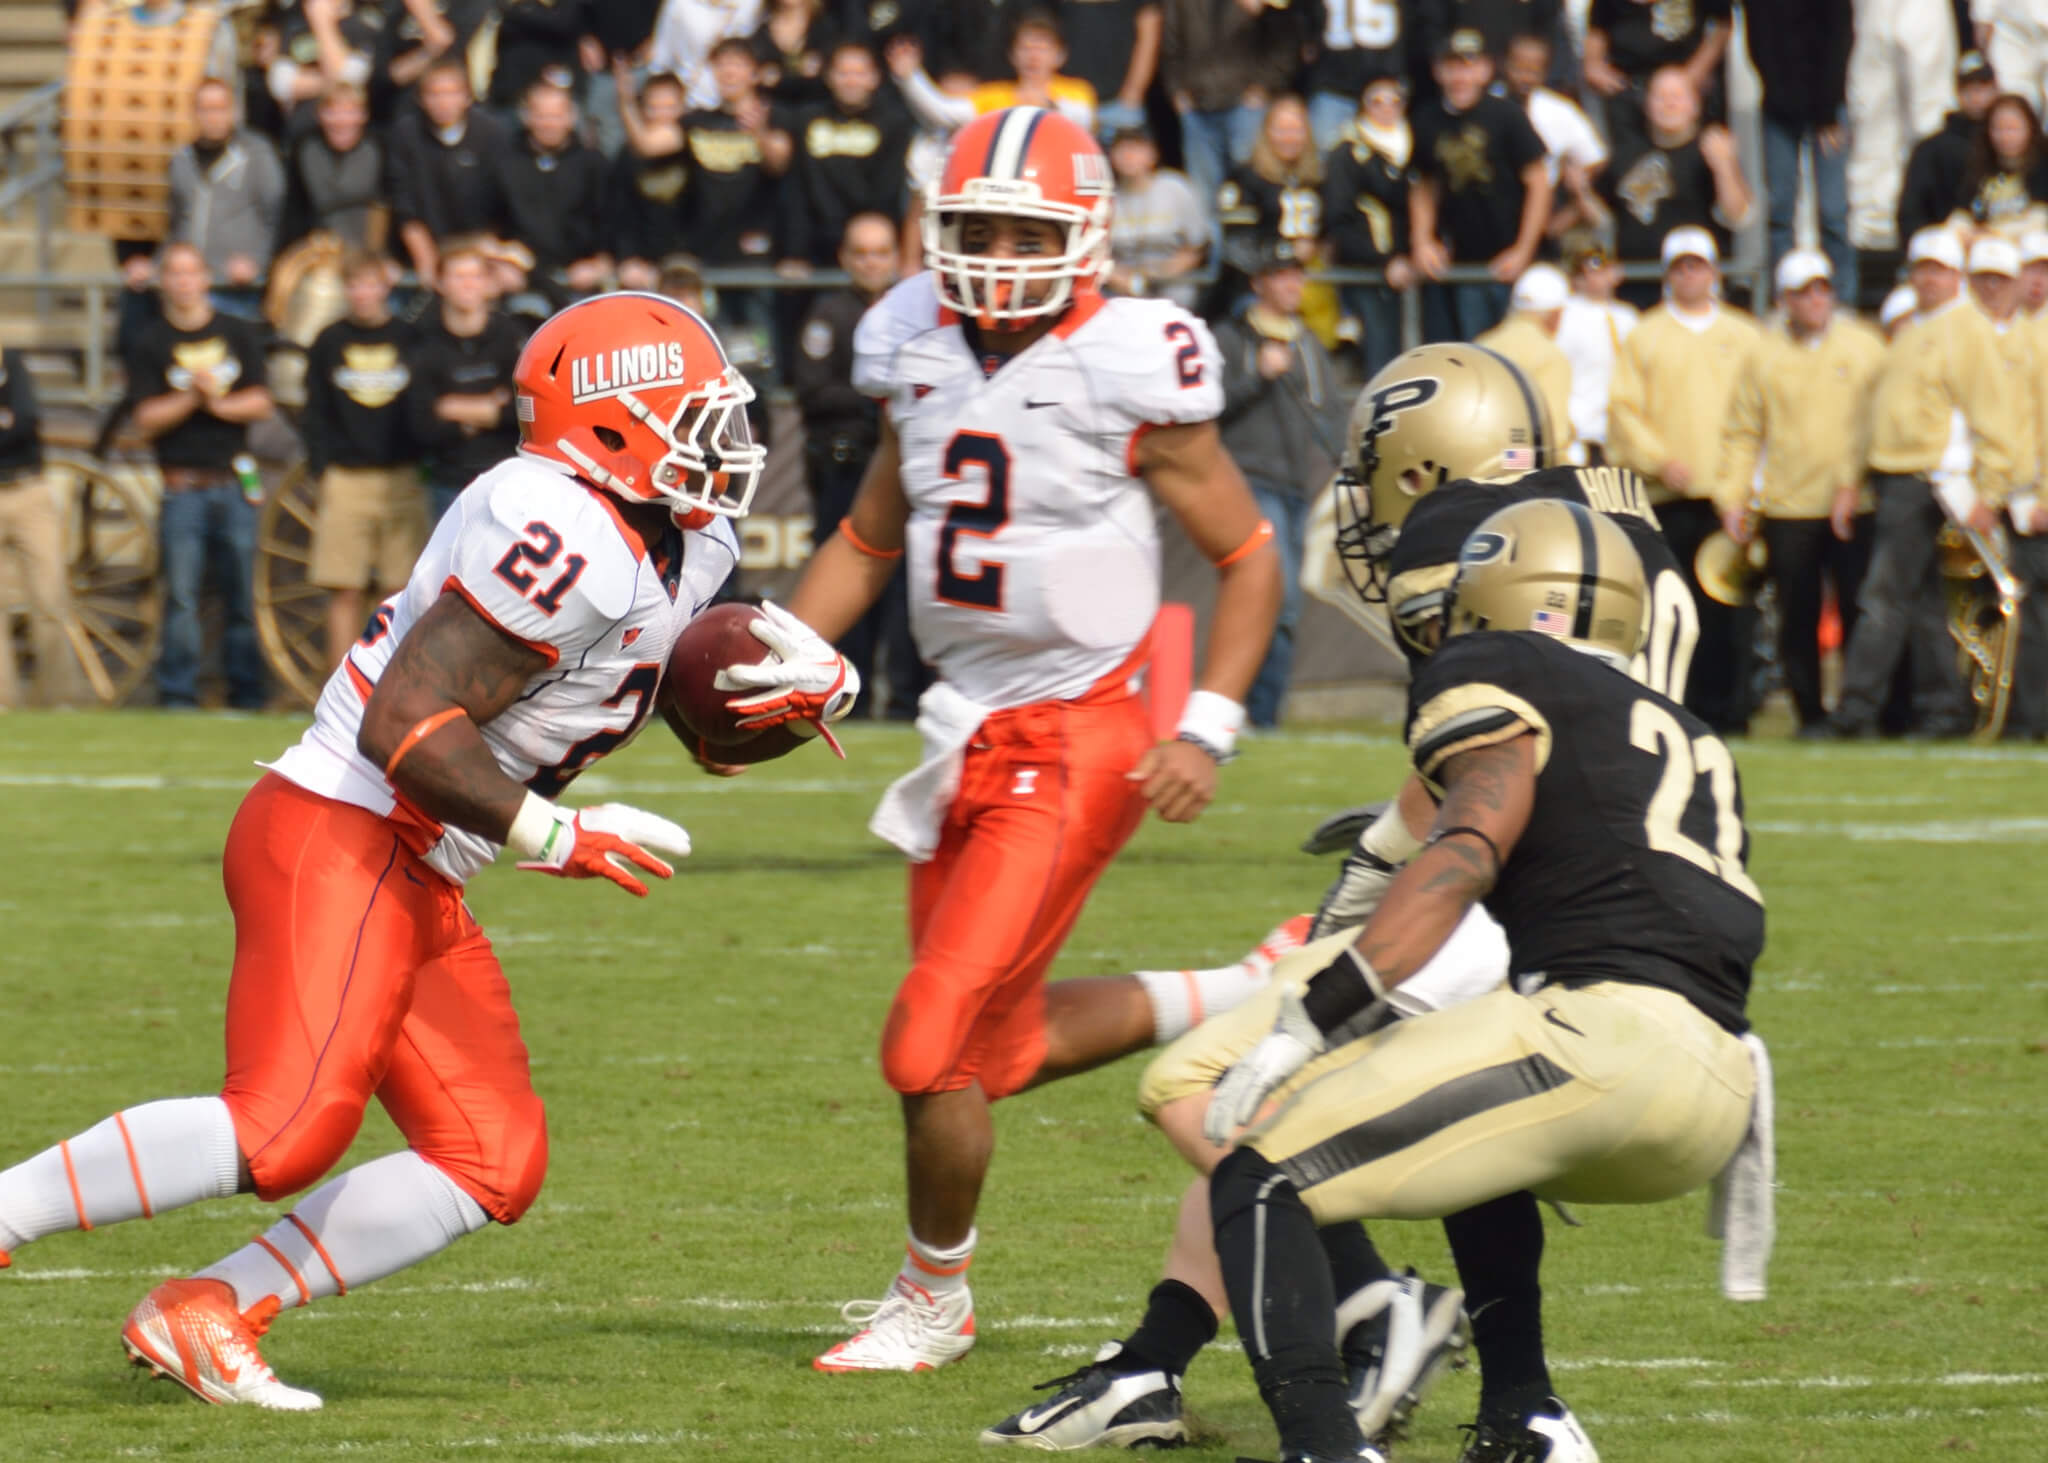 Purdue vs Illinois Purdue Cannon rivalry